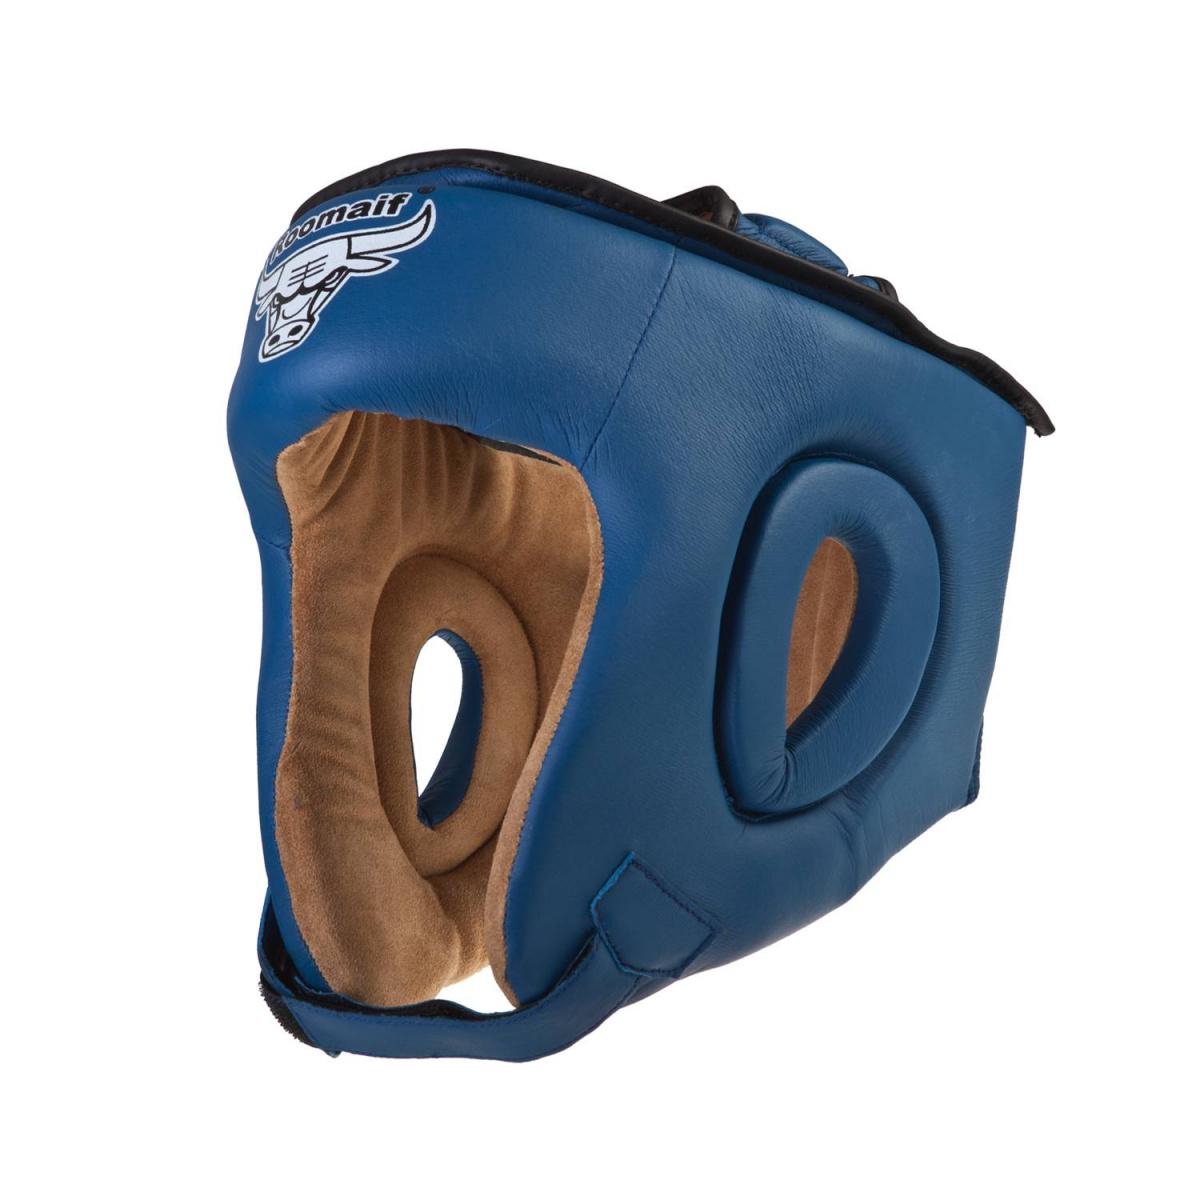 Шлем боксерский RHG 146 PL синий, размер